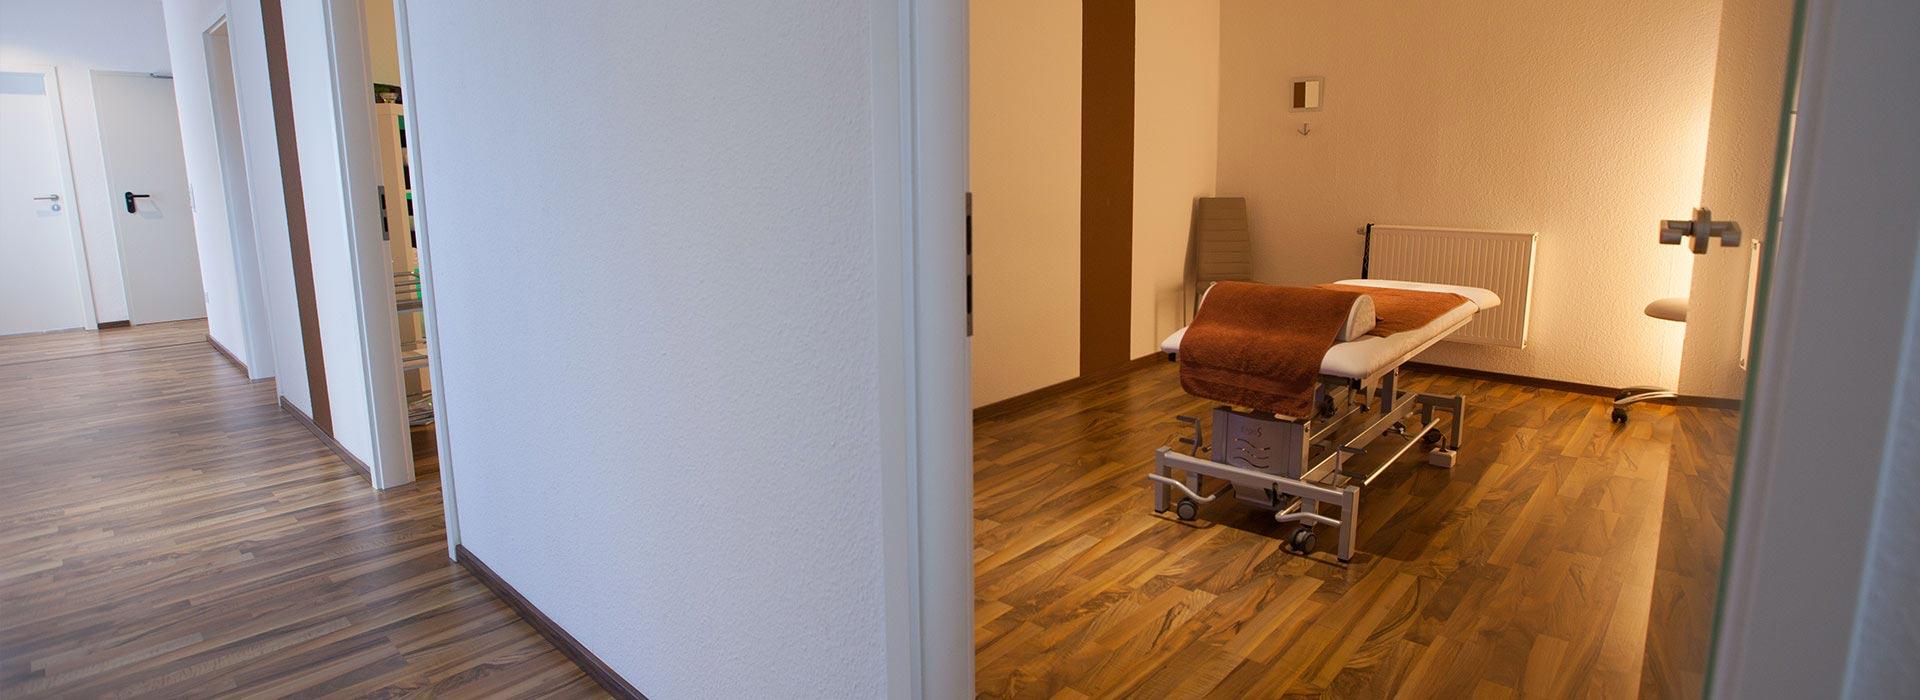 Behandlungsraum Physiotherapie Arthur König in Schwabach